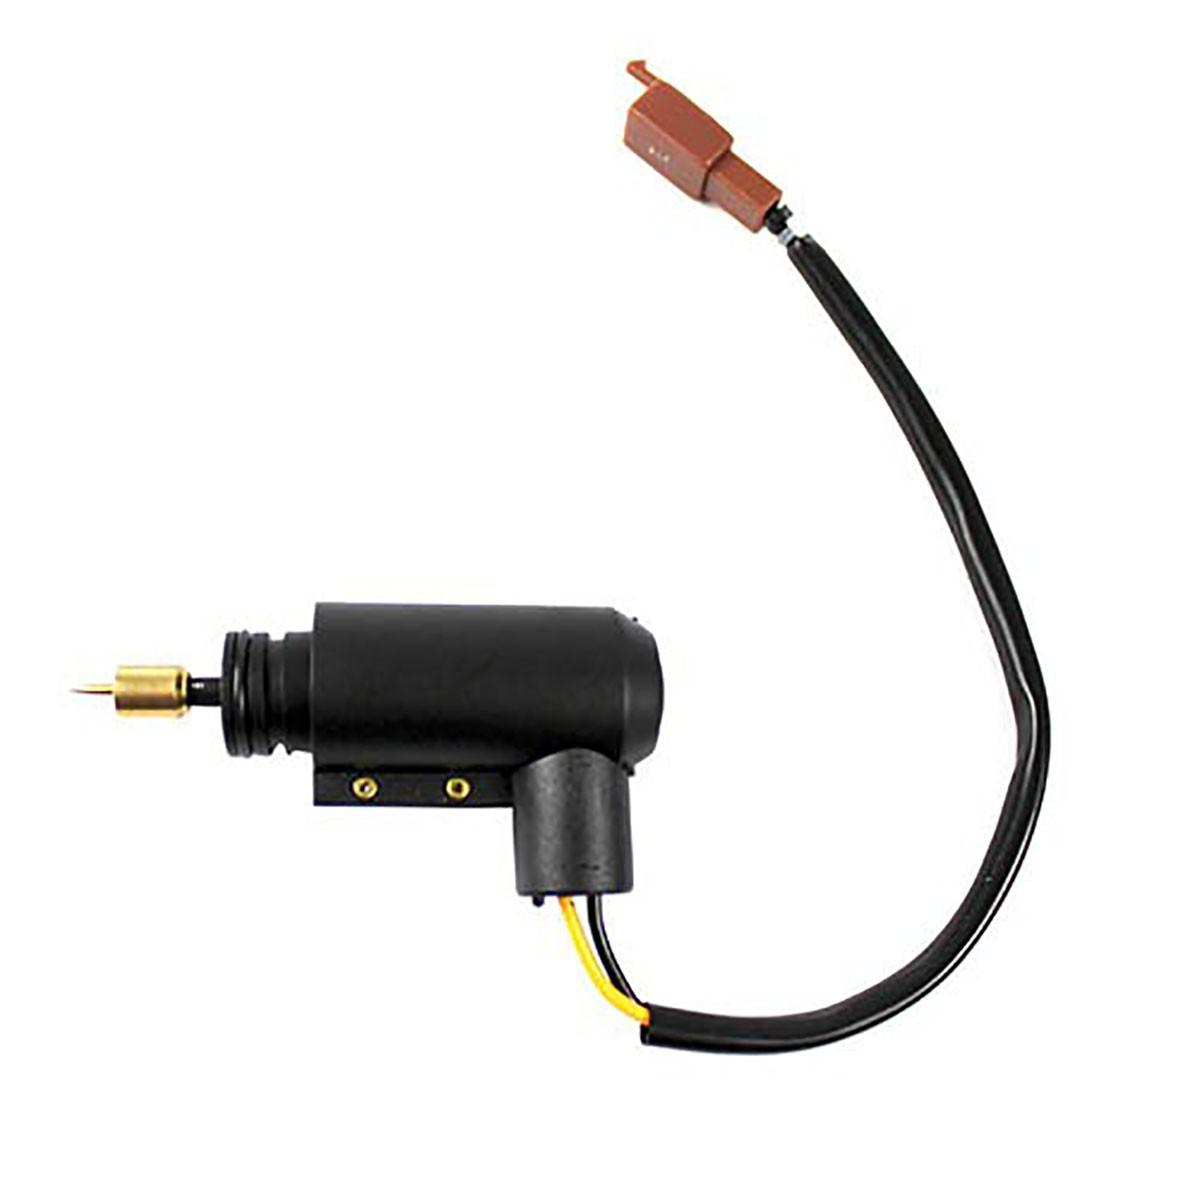 Valvula De Partida Do Carburador ( Sensor ) Burgman G125 06-08